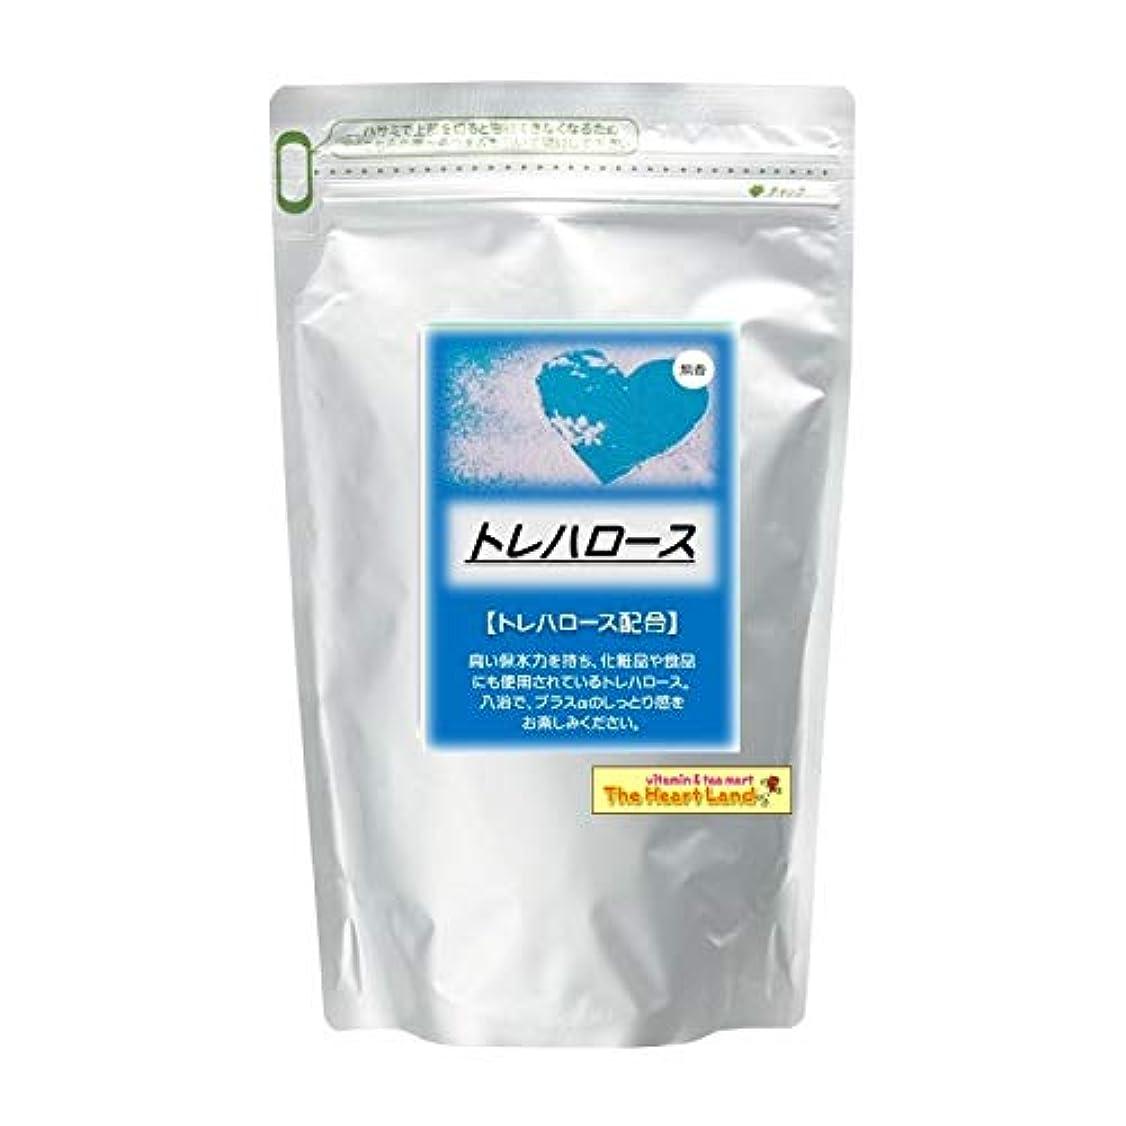 気になる圧力呼び起こすアサヒ入浴剤 浴用入浴化粧品 トレハロース 2.5kg